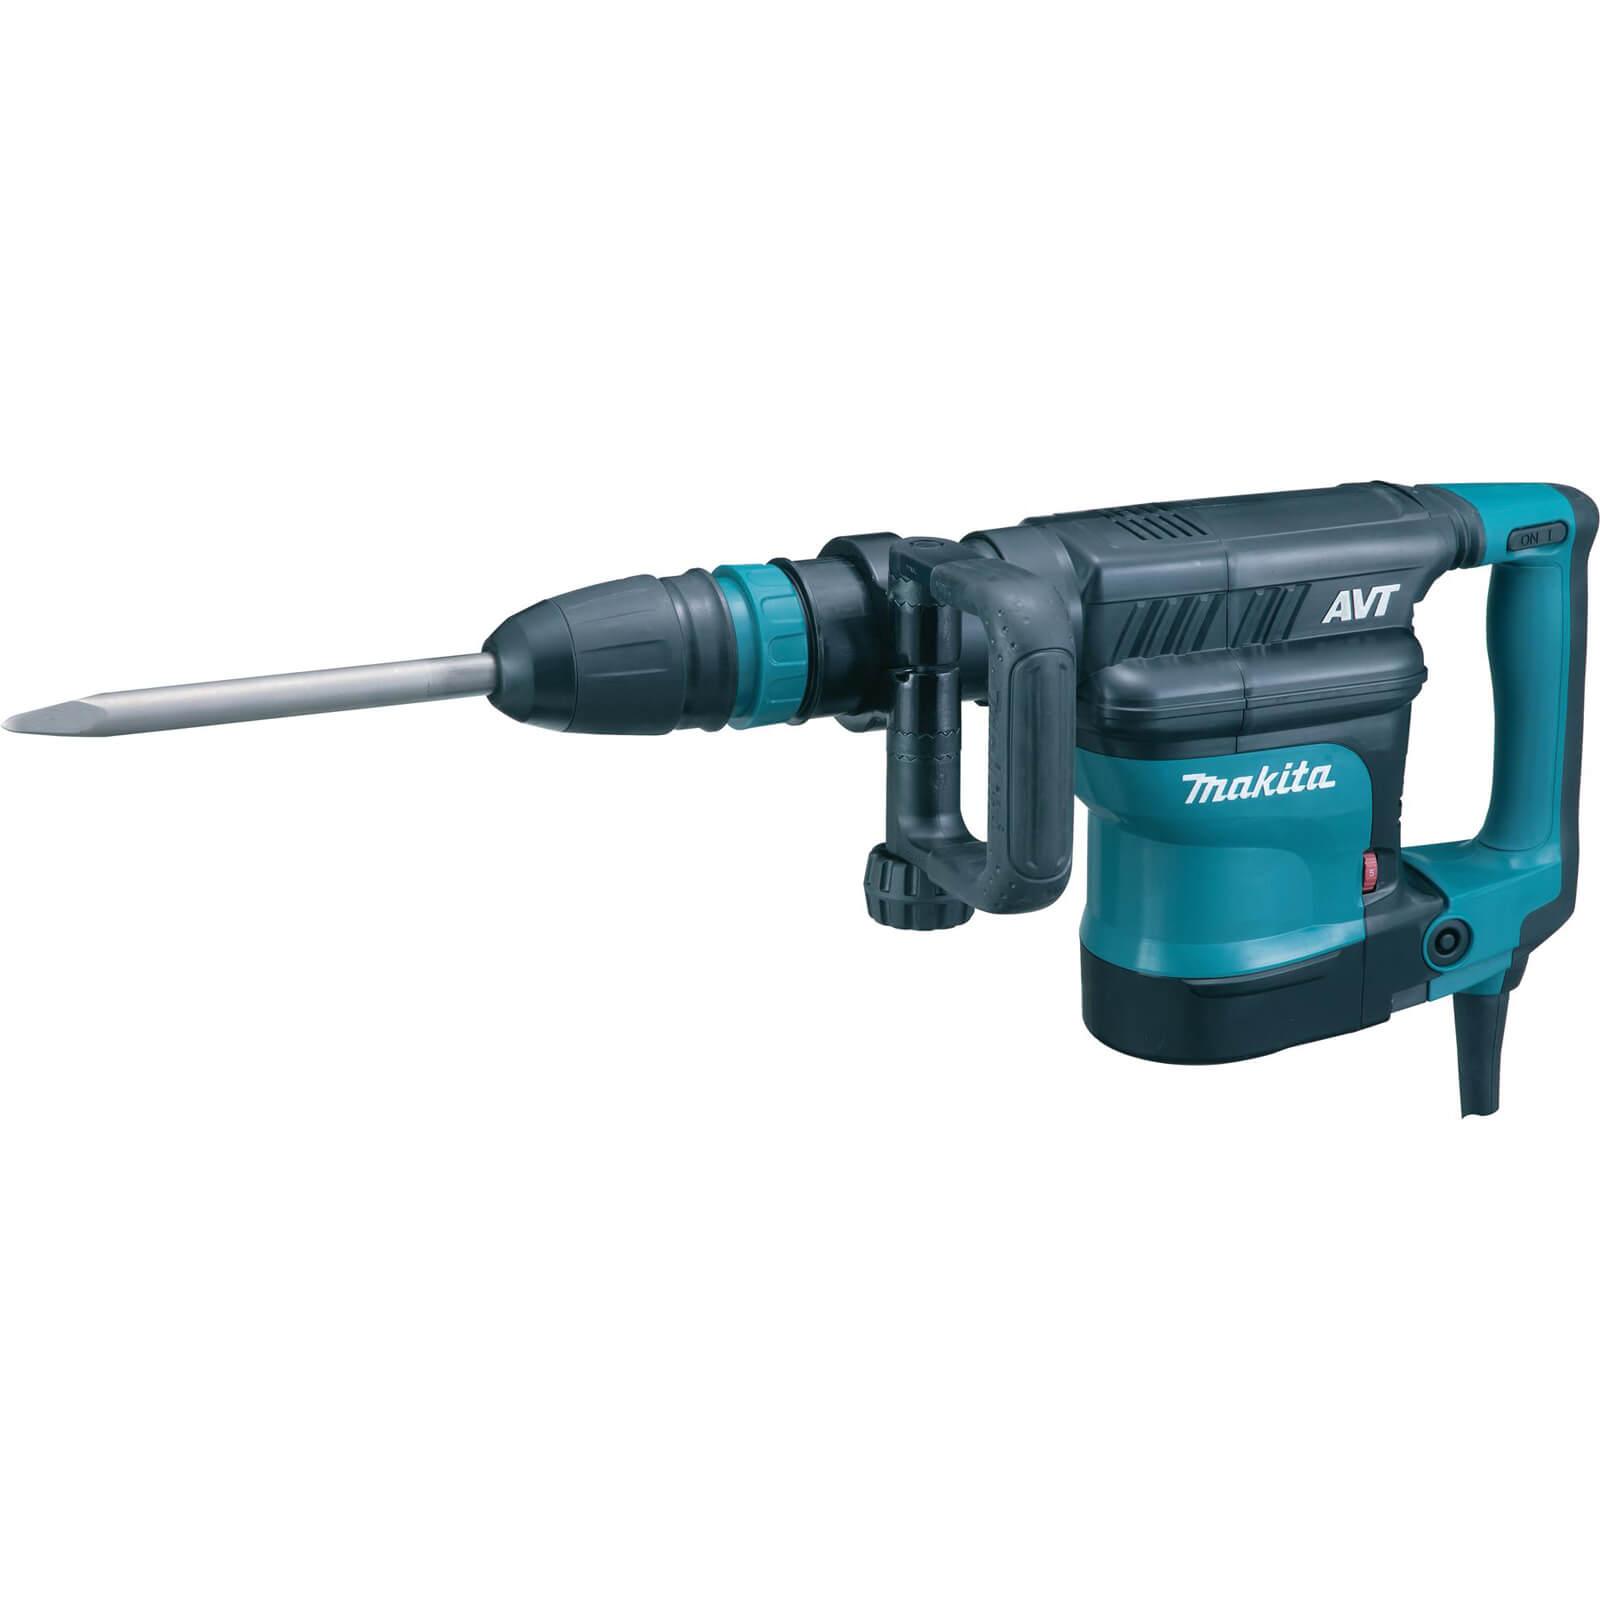 Image of Makita HM1111C AVT SDS Max Demolition Hammer Drill 1500w 110v